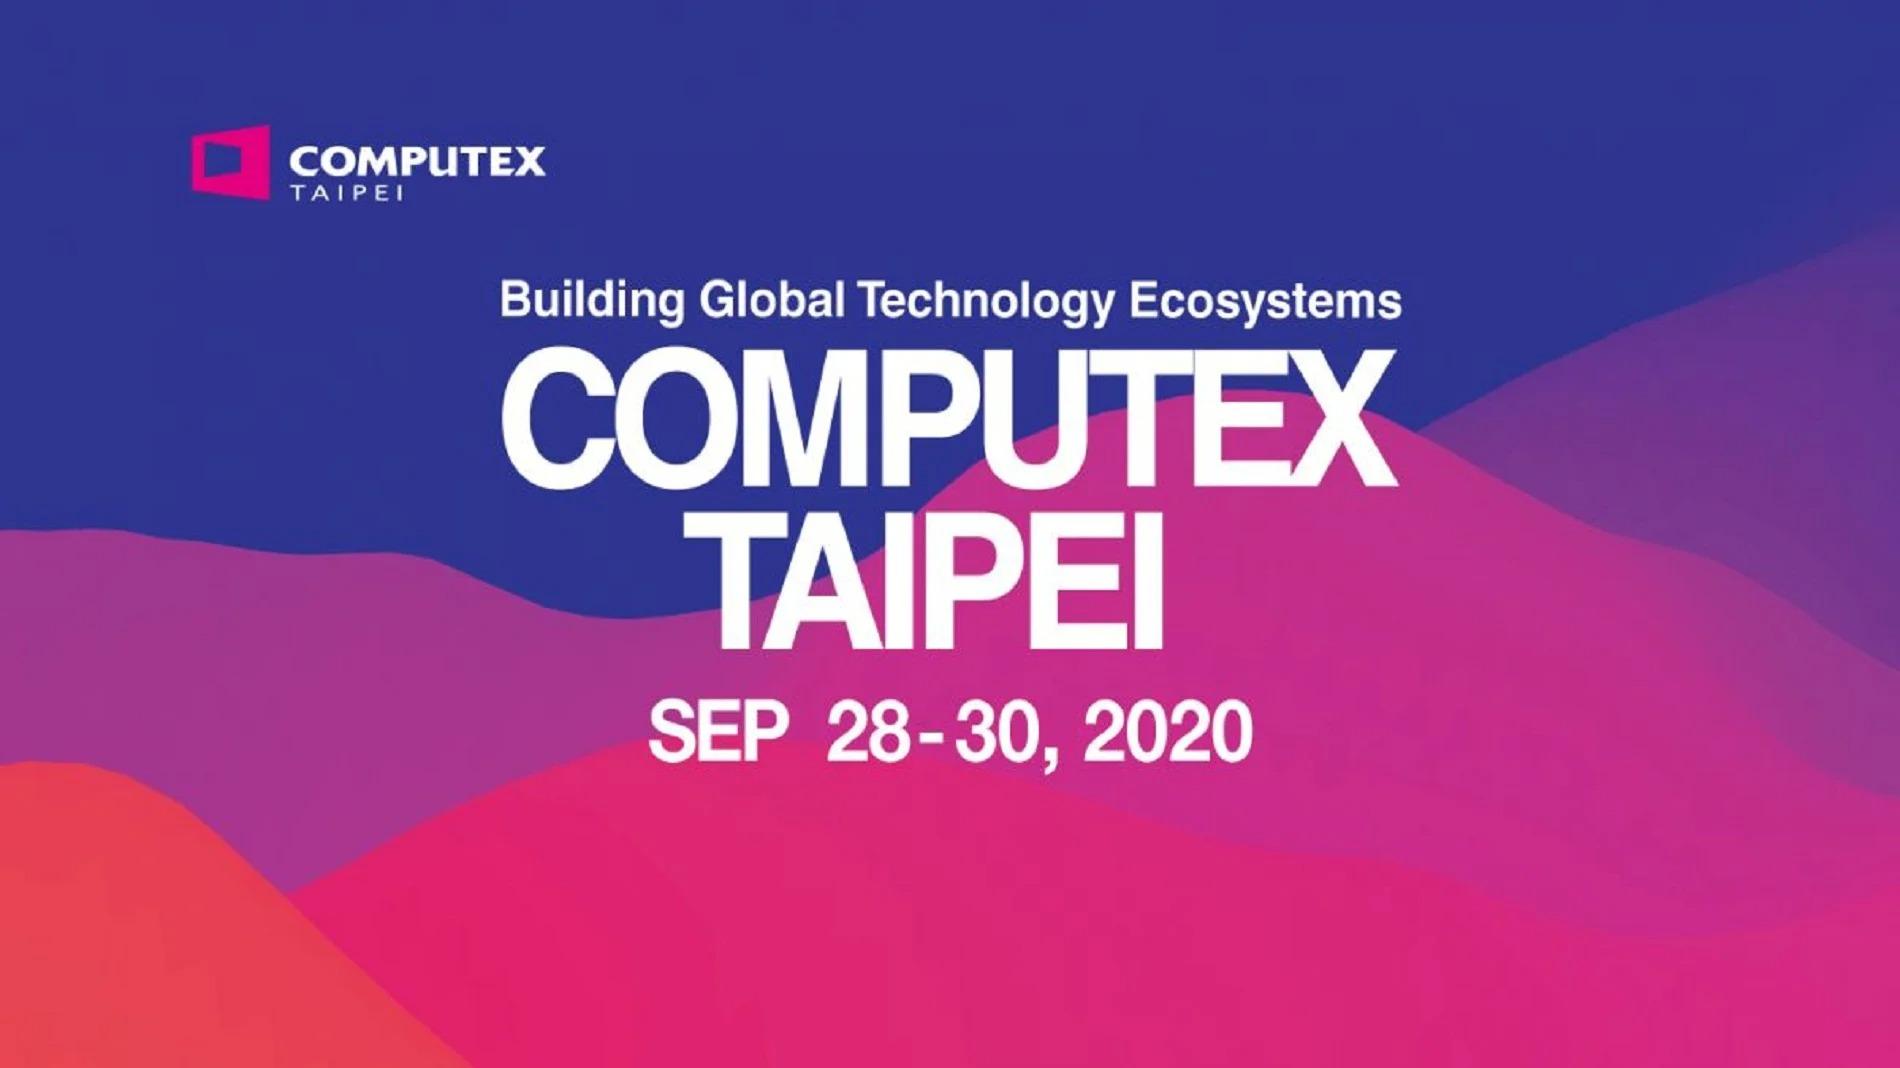 Computex 2020 chính thức bị hủy bỏ do đại dịch COVID-19